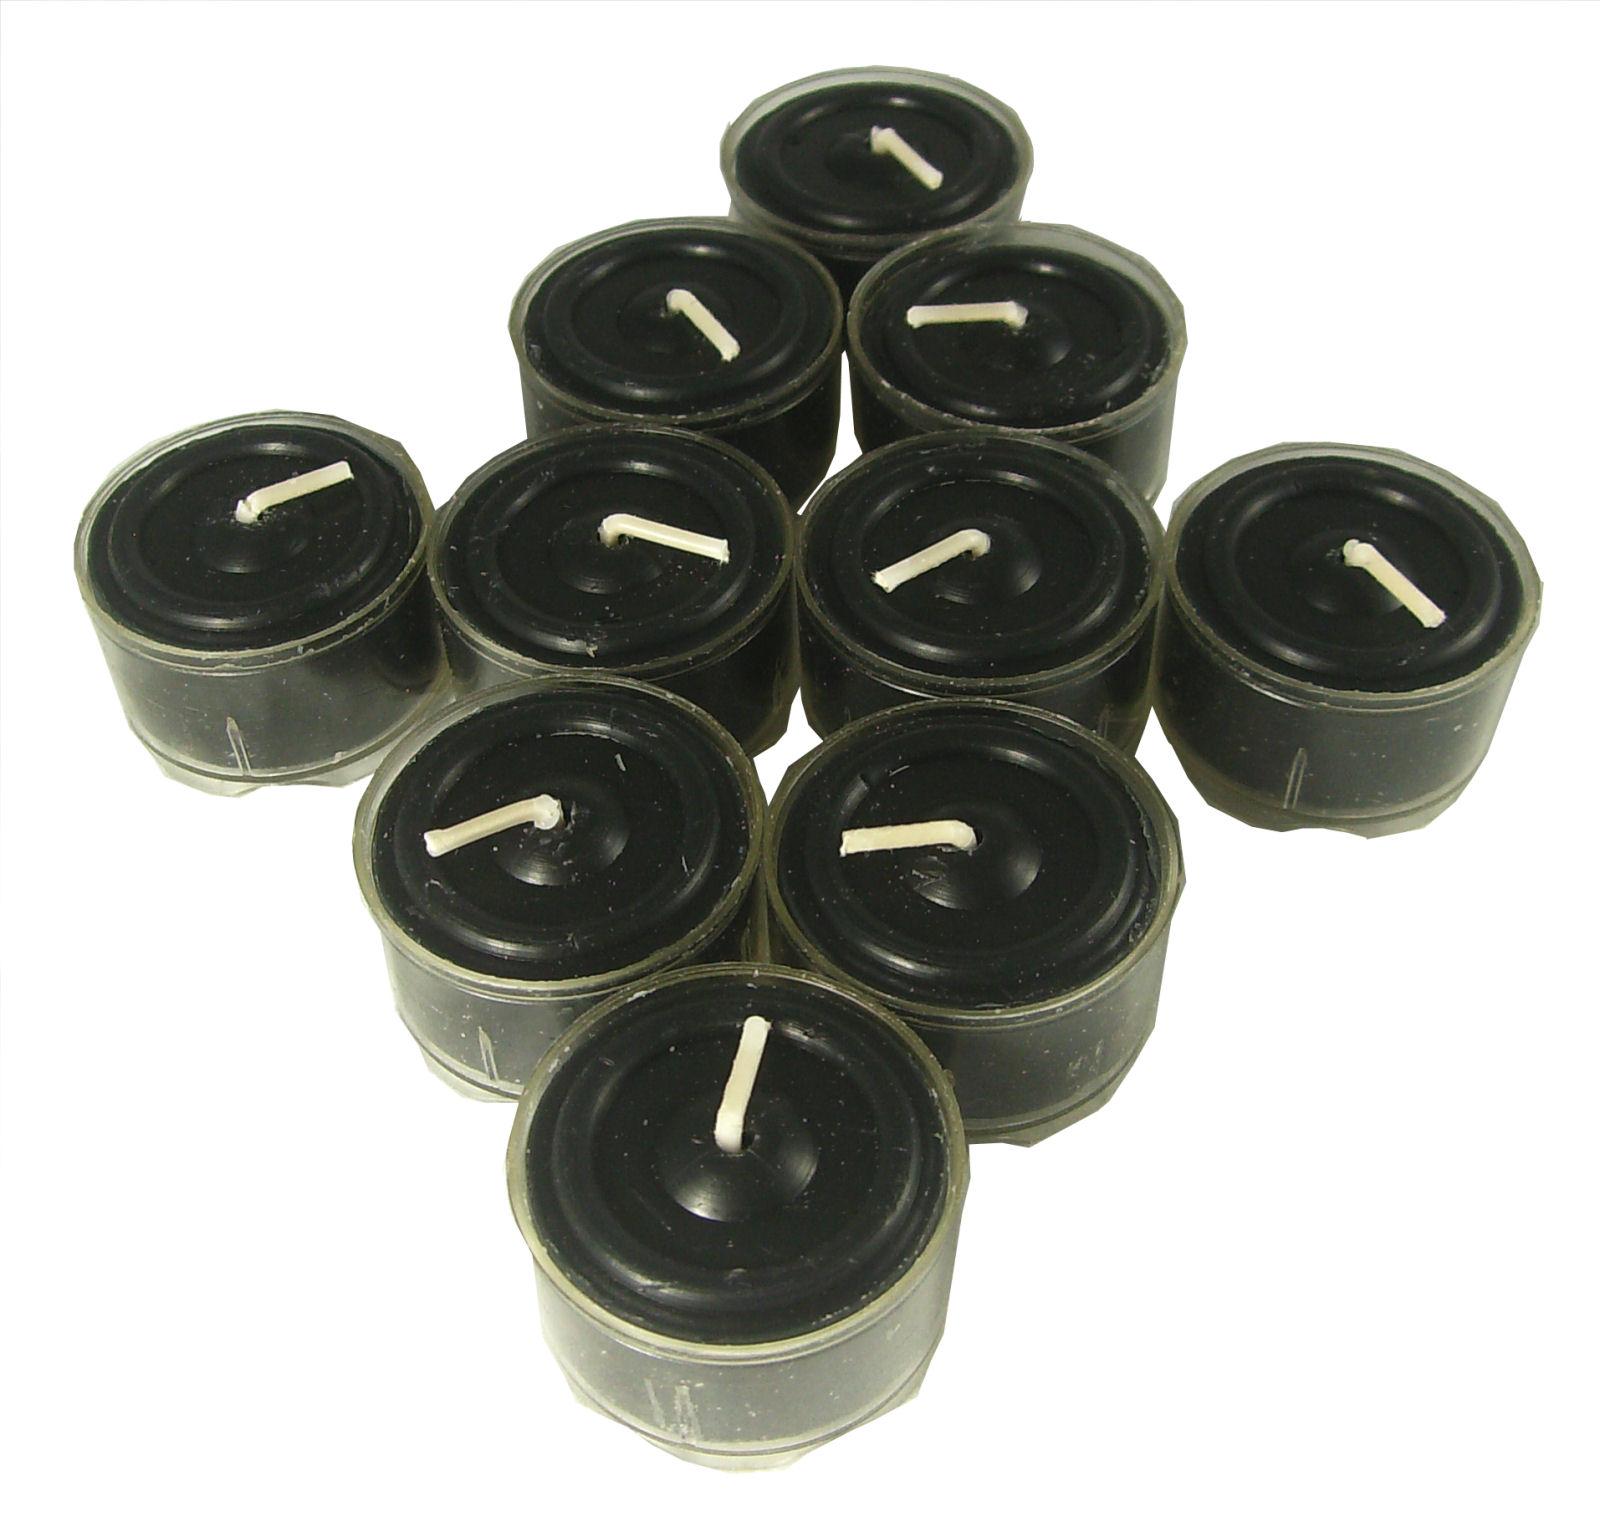 Schwarze Opium Duft Teelichte durchgefärbt Premium Kerzen 10 Stück Set